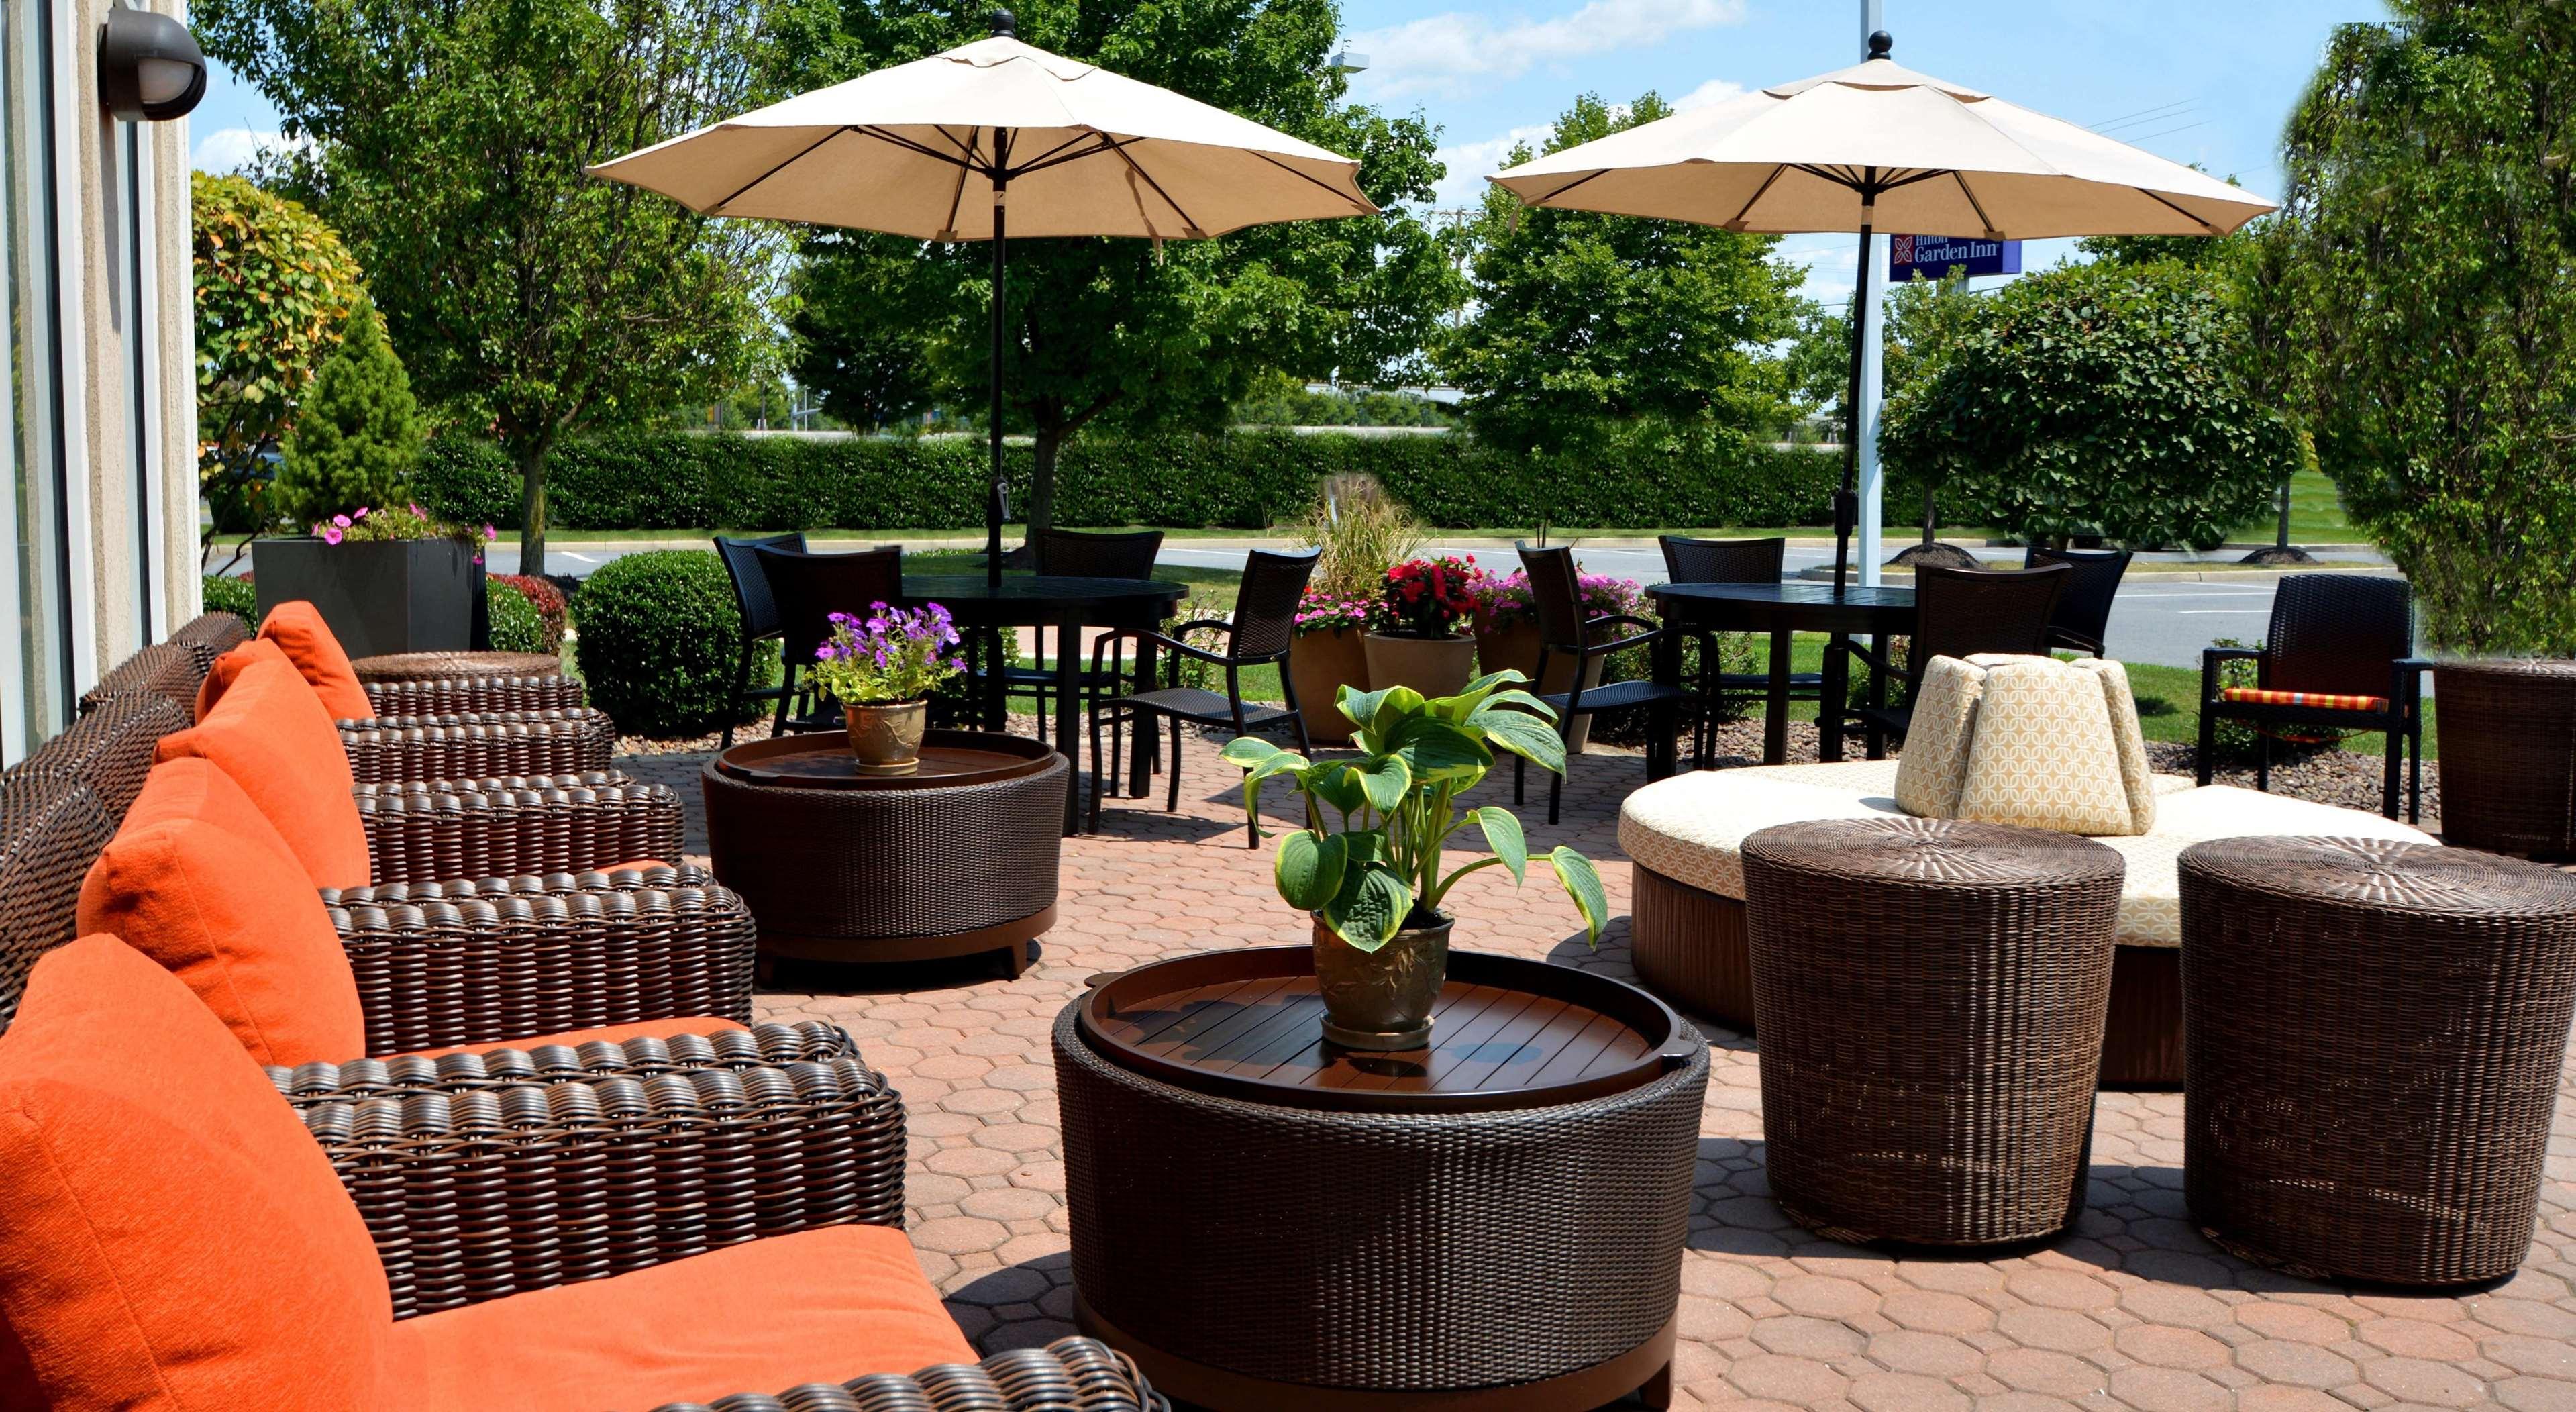 Hilton Garden Inn Allentown West image 31